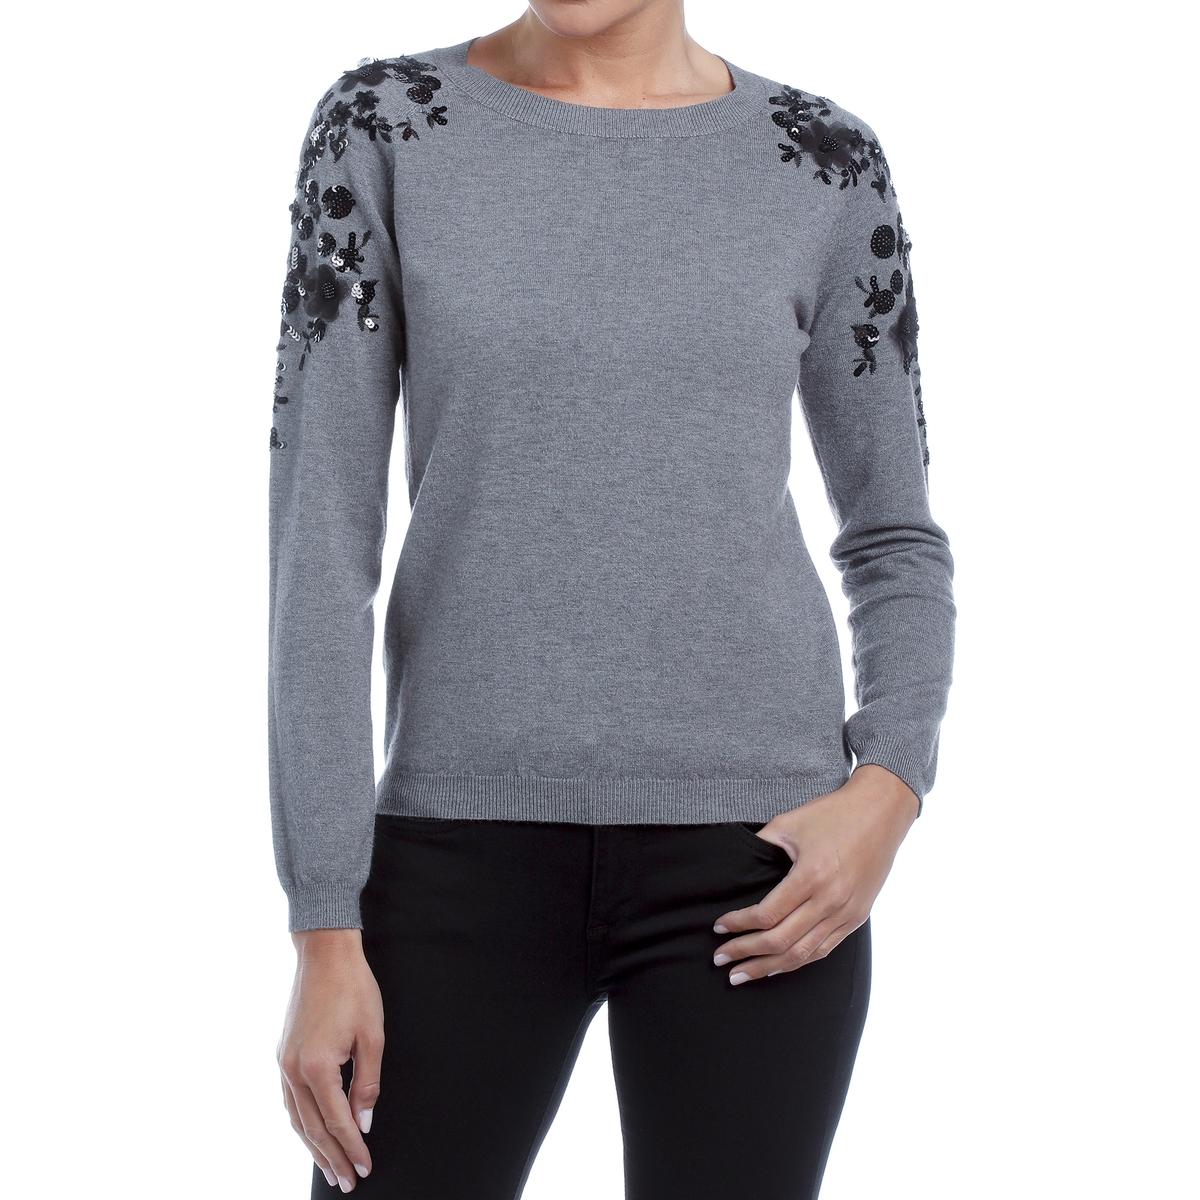 Пуловер с круглым вырезом, блестками на плечах, завязки сзади